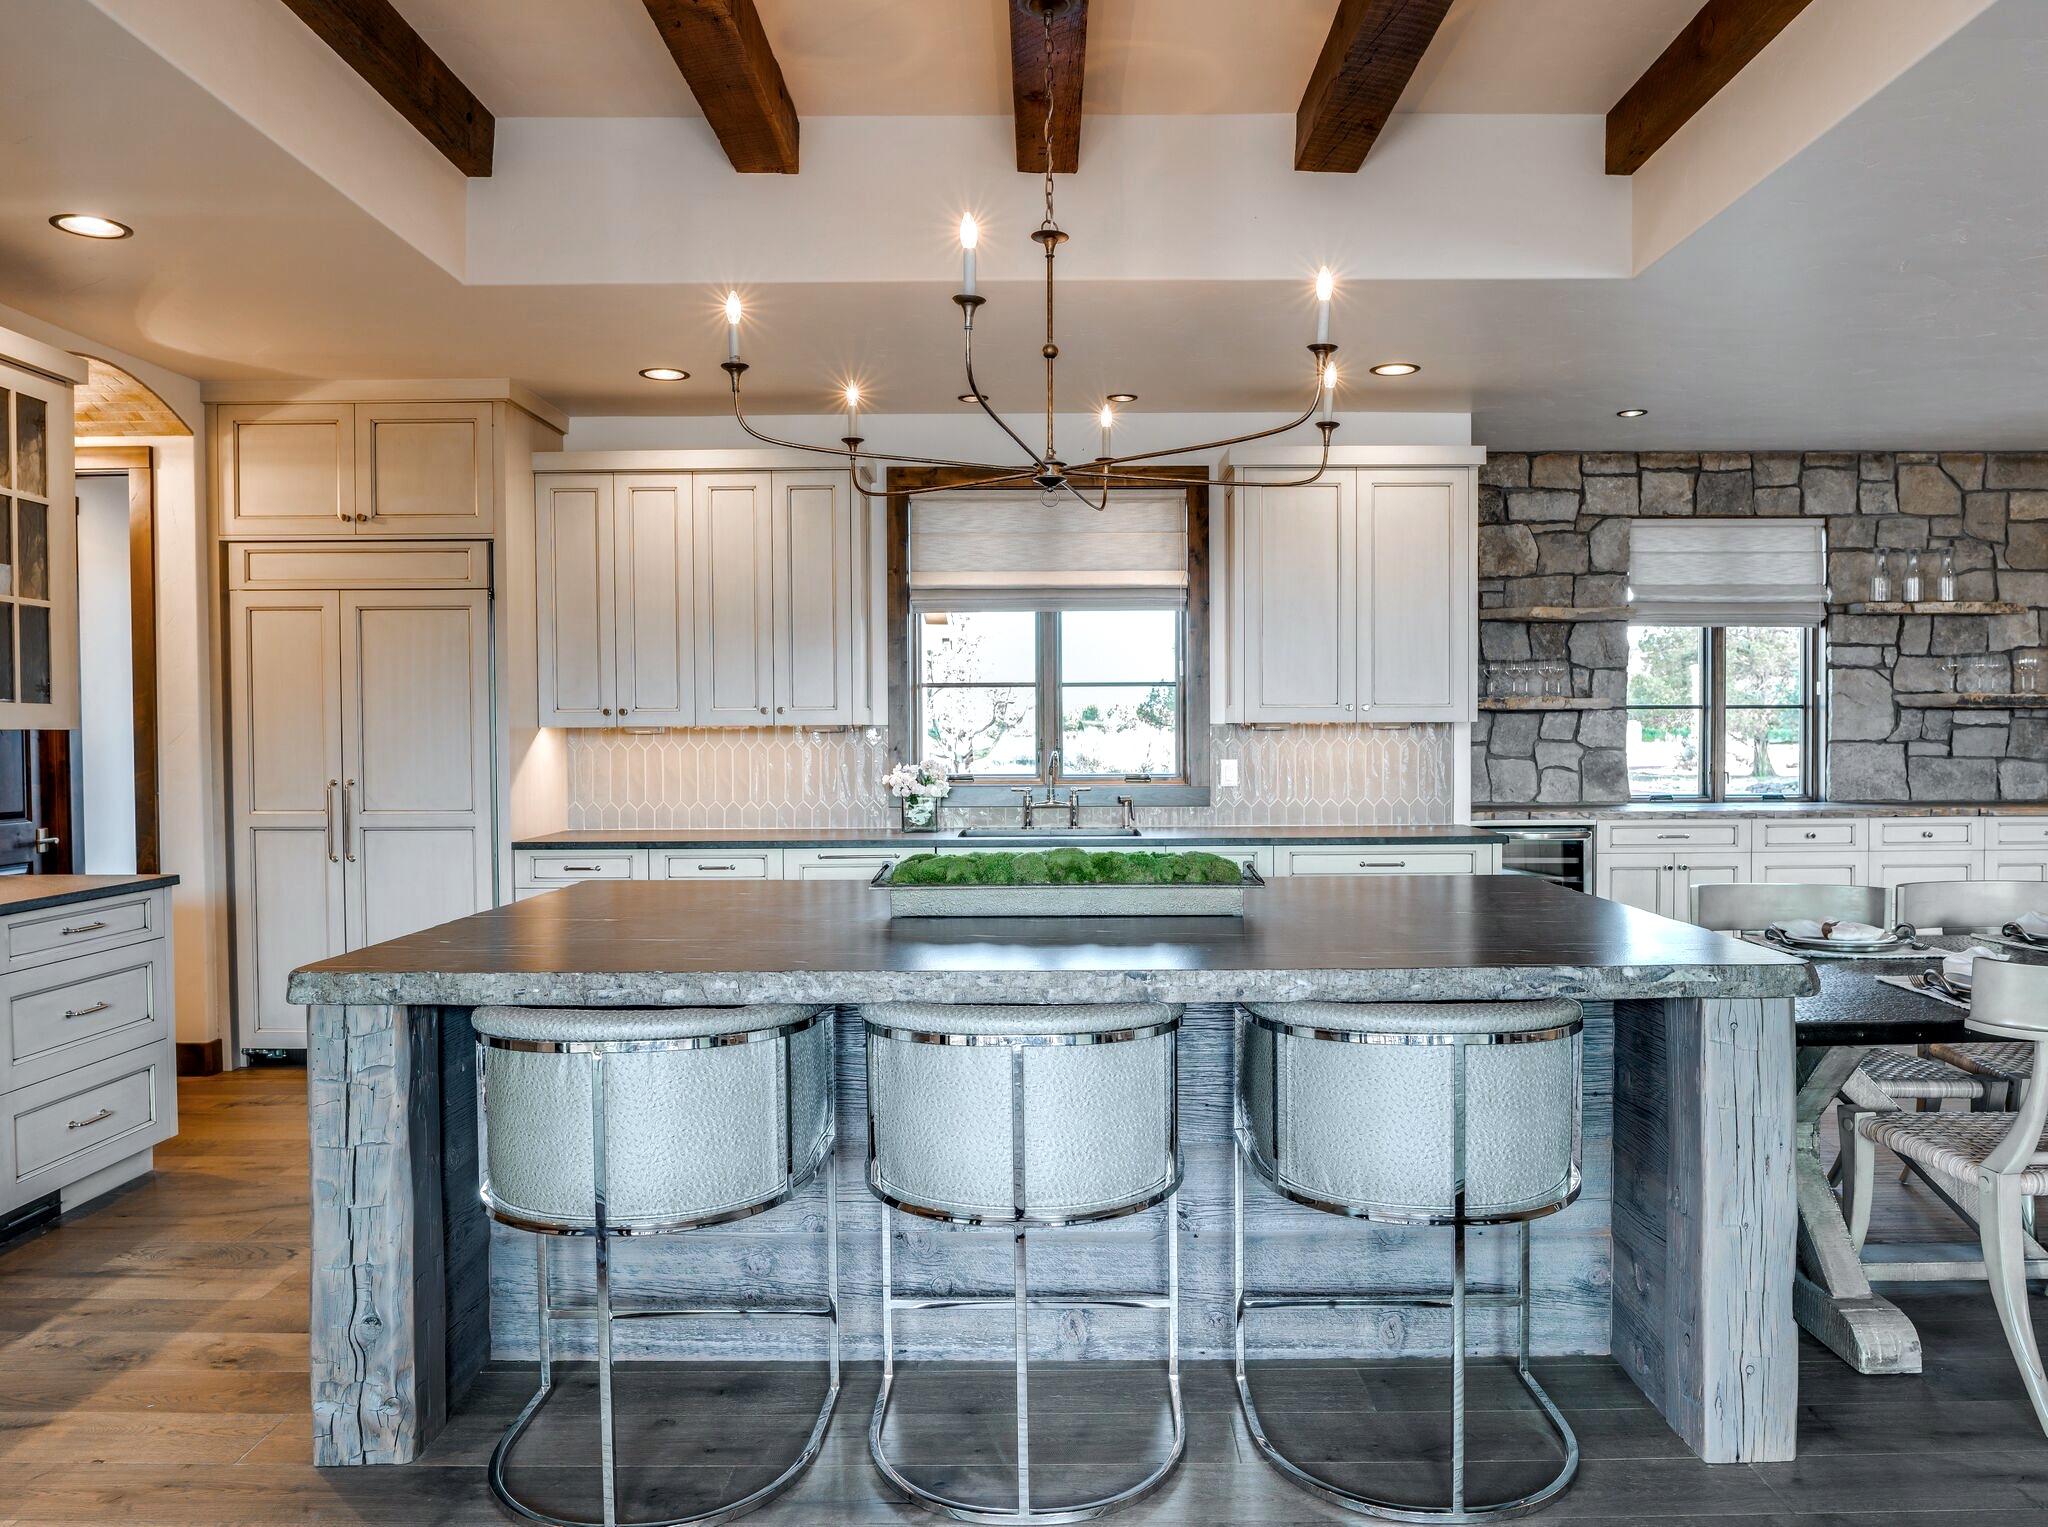 kitchen 49 (edited-Pixlr).jpg